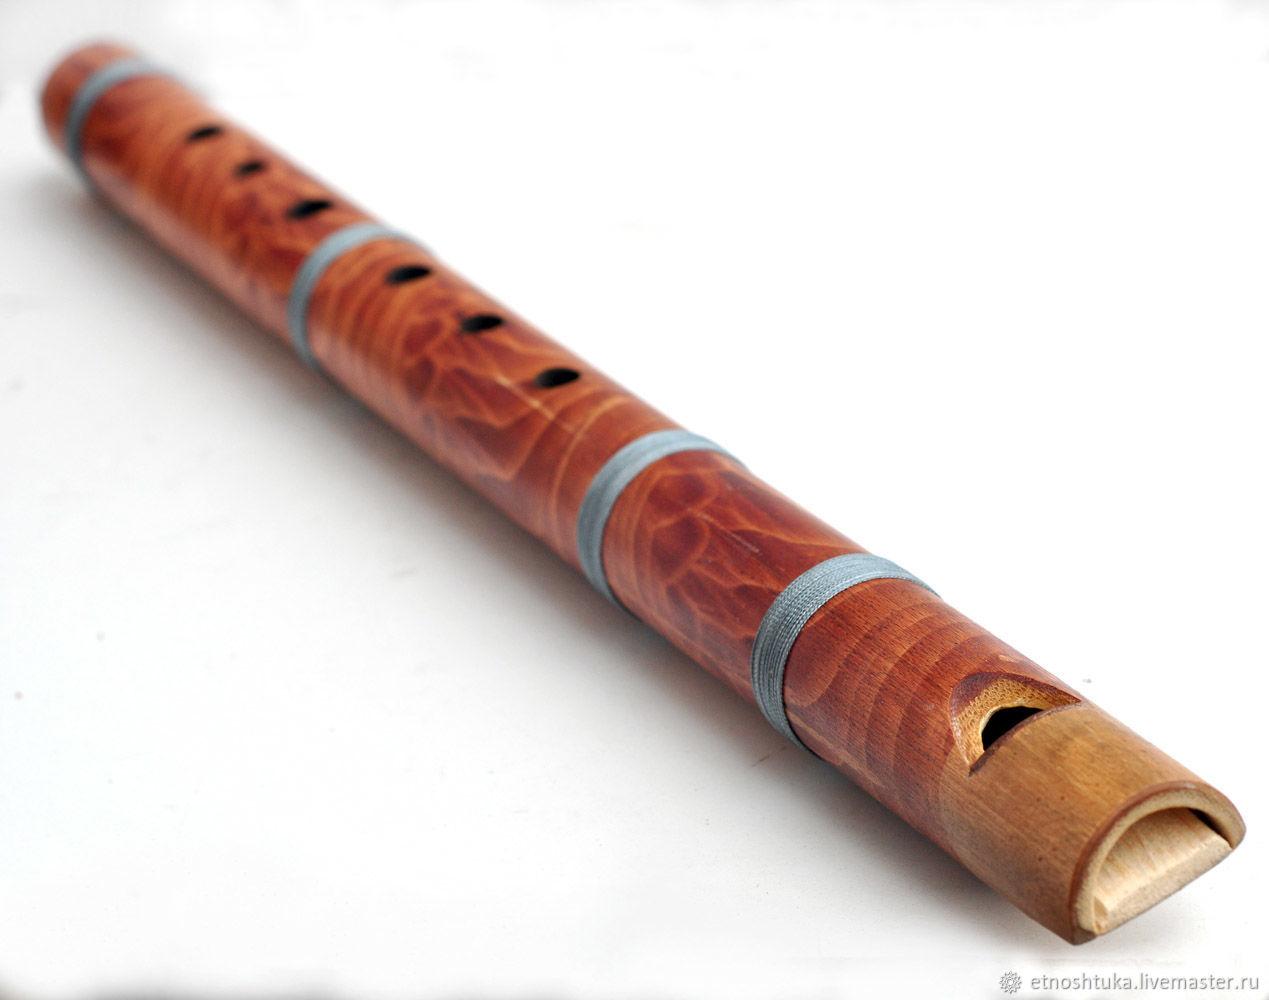 Духовые инструменты ручной работы. Ярмарка Мастеров - ручная работа. Купить Флейта бамбуковая 50 см. Handmade. Флейта дождя